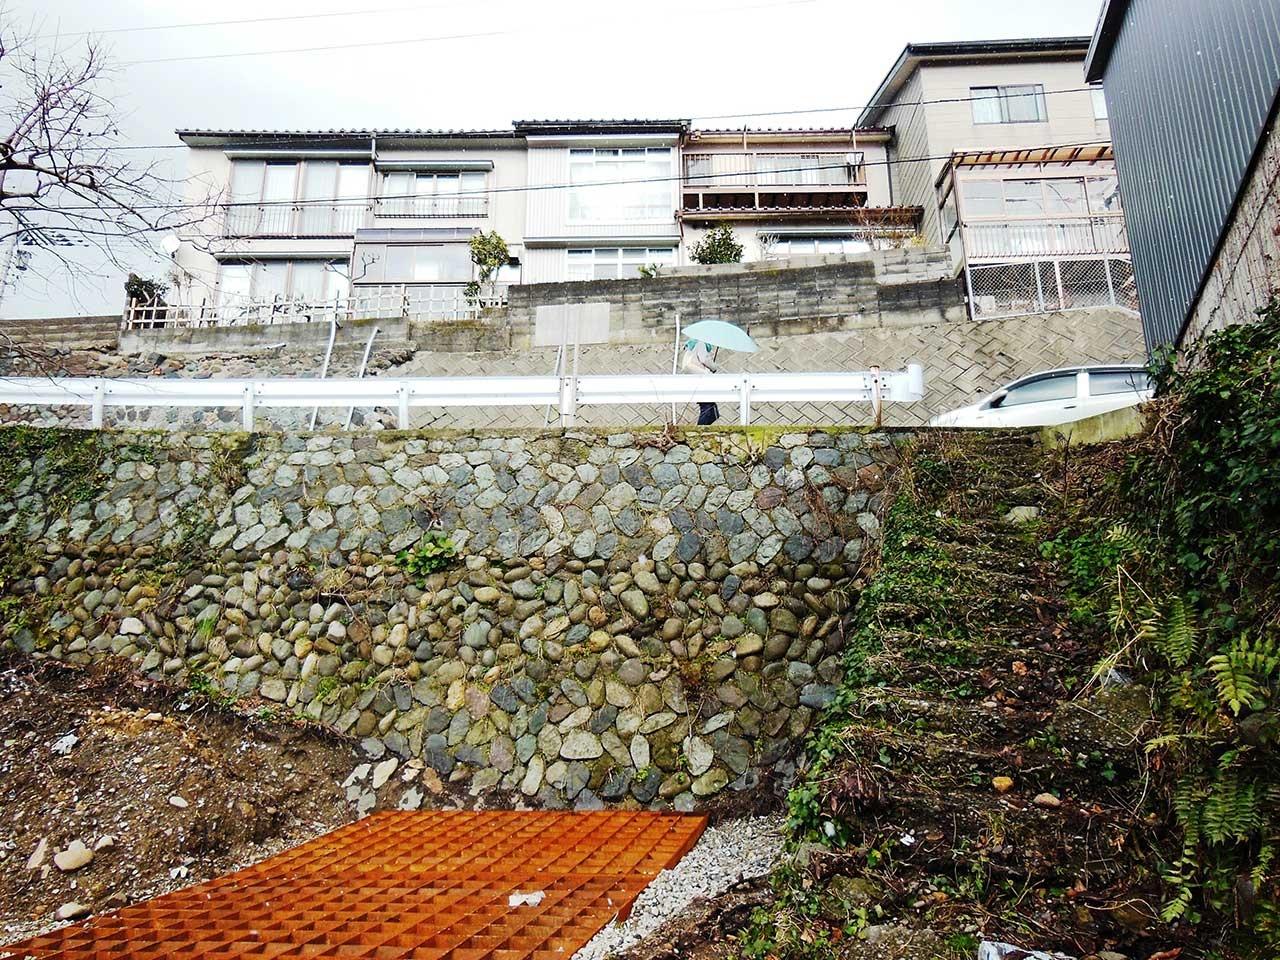 脇から見上げる。善光寺坂のかさ上げの歴史が垣間見える(2015.2.22撮影)